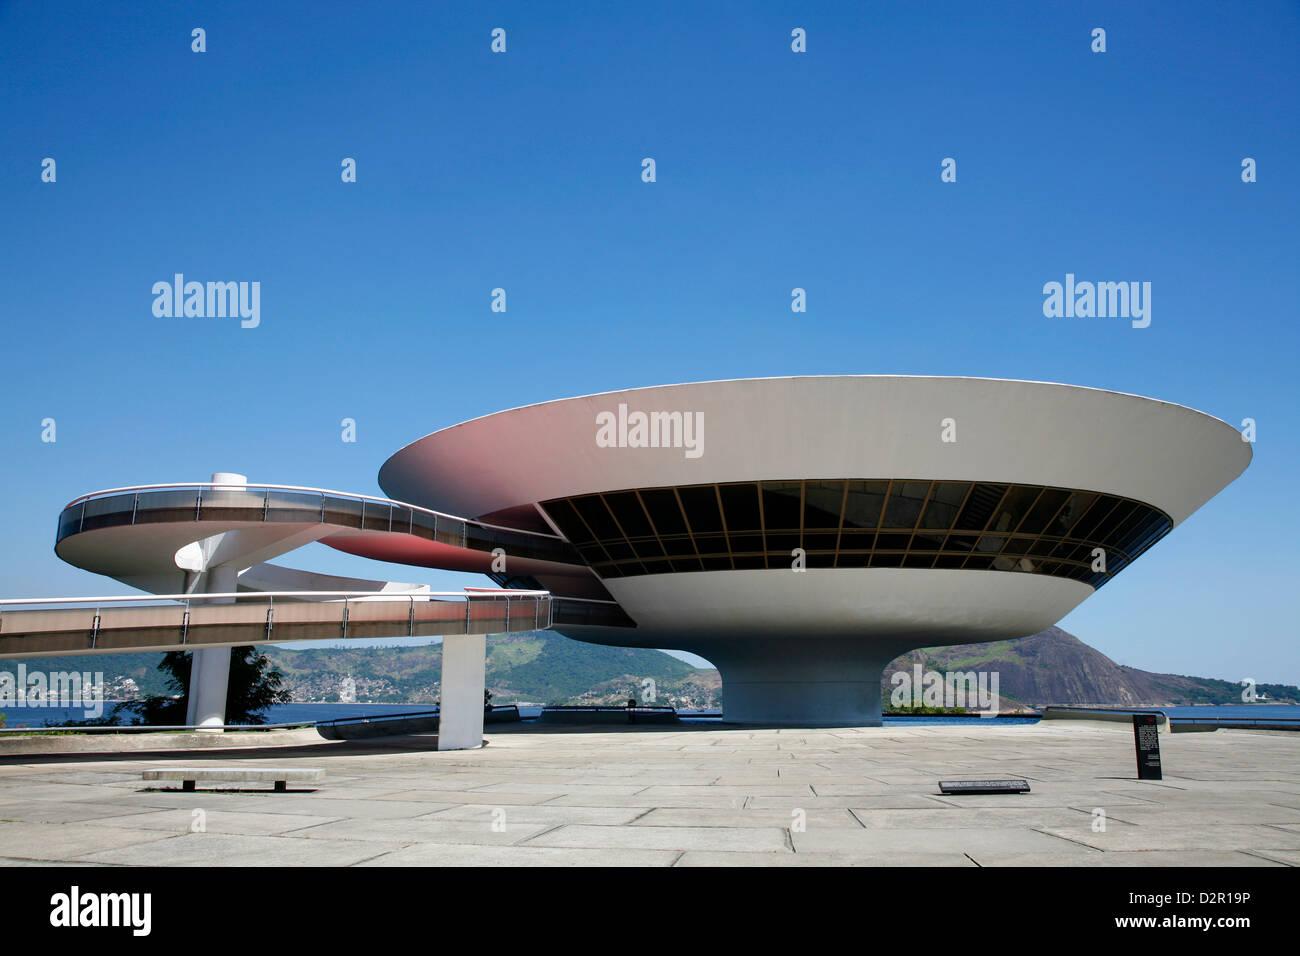 Museu do Arte Contemporanea (Museum of Contemporary Art), Architekt Oscar Niemeyer, Niteroi, Rio De Janeiro, Brasilien Stockbild